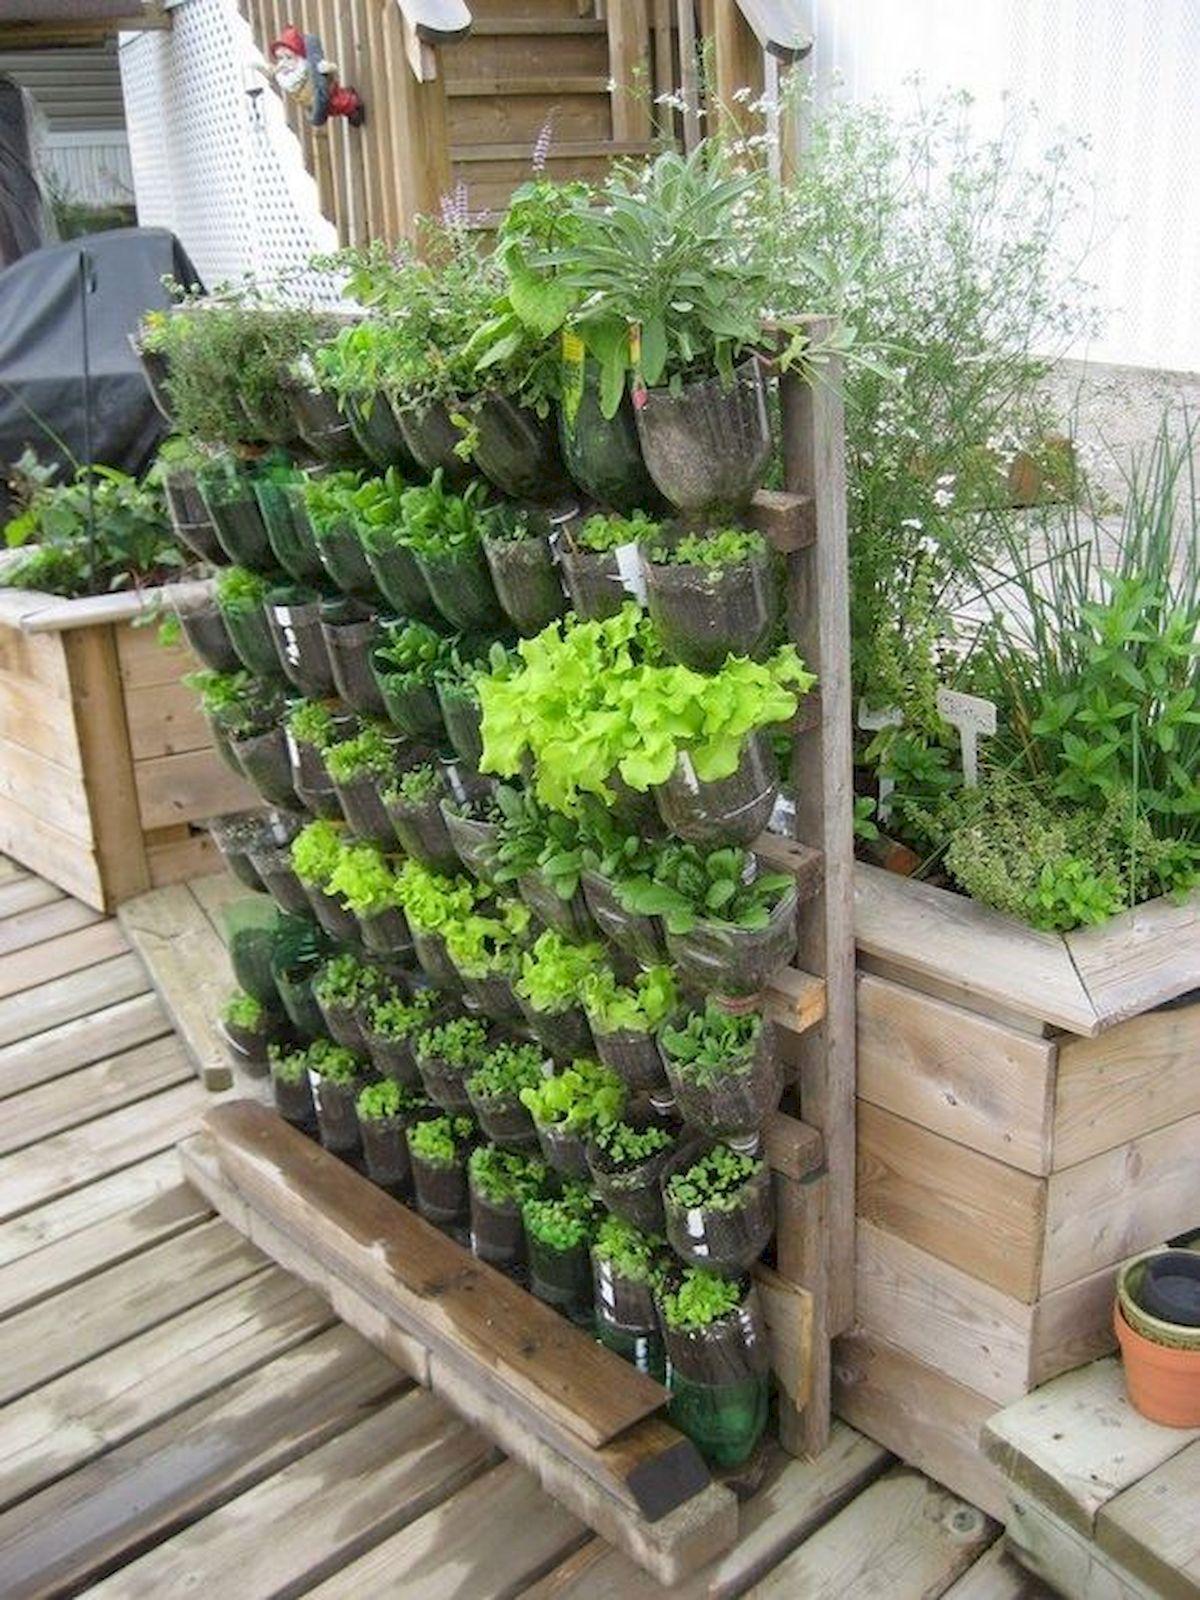 50 Inspiring Small Vegetable Garden Ideas (5)